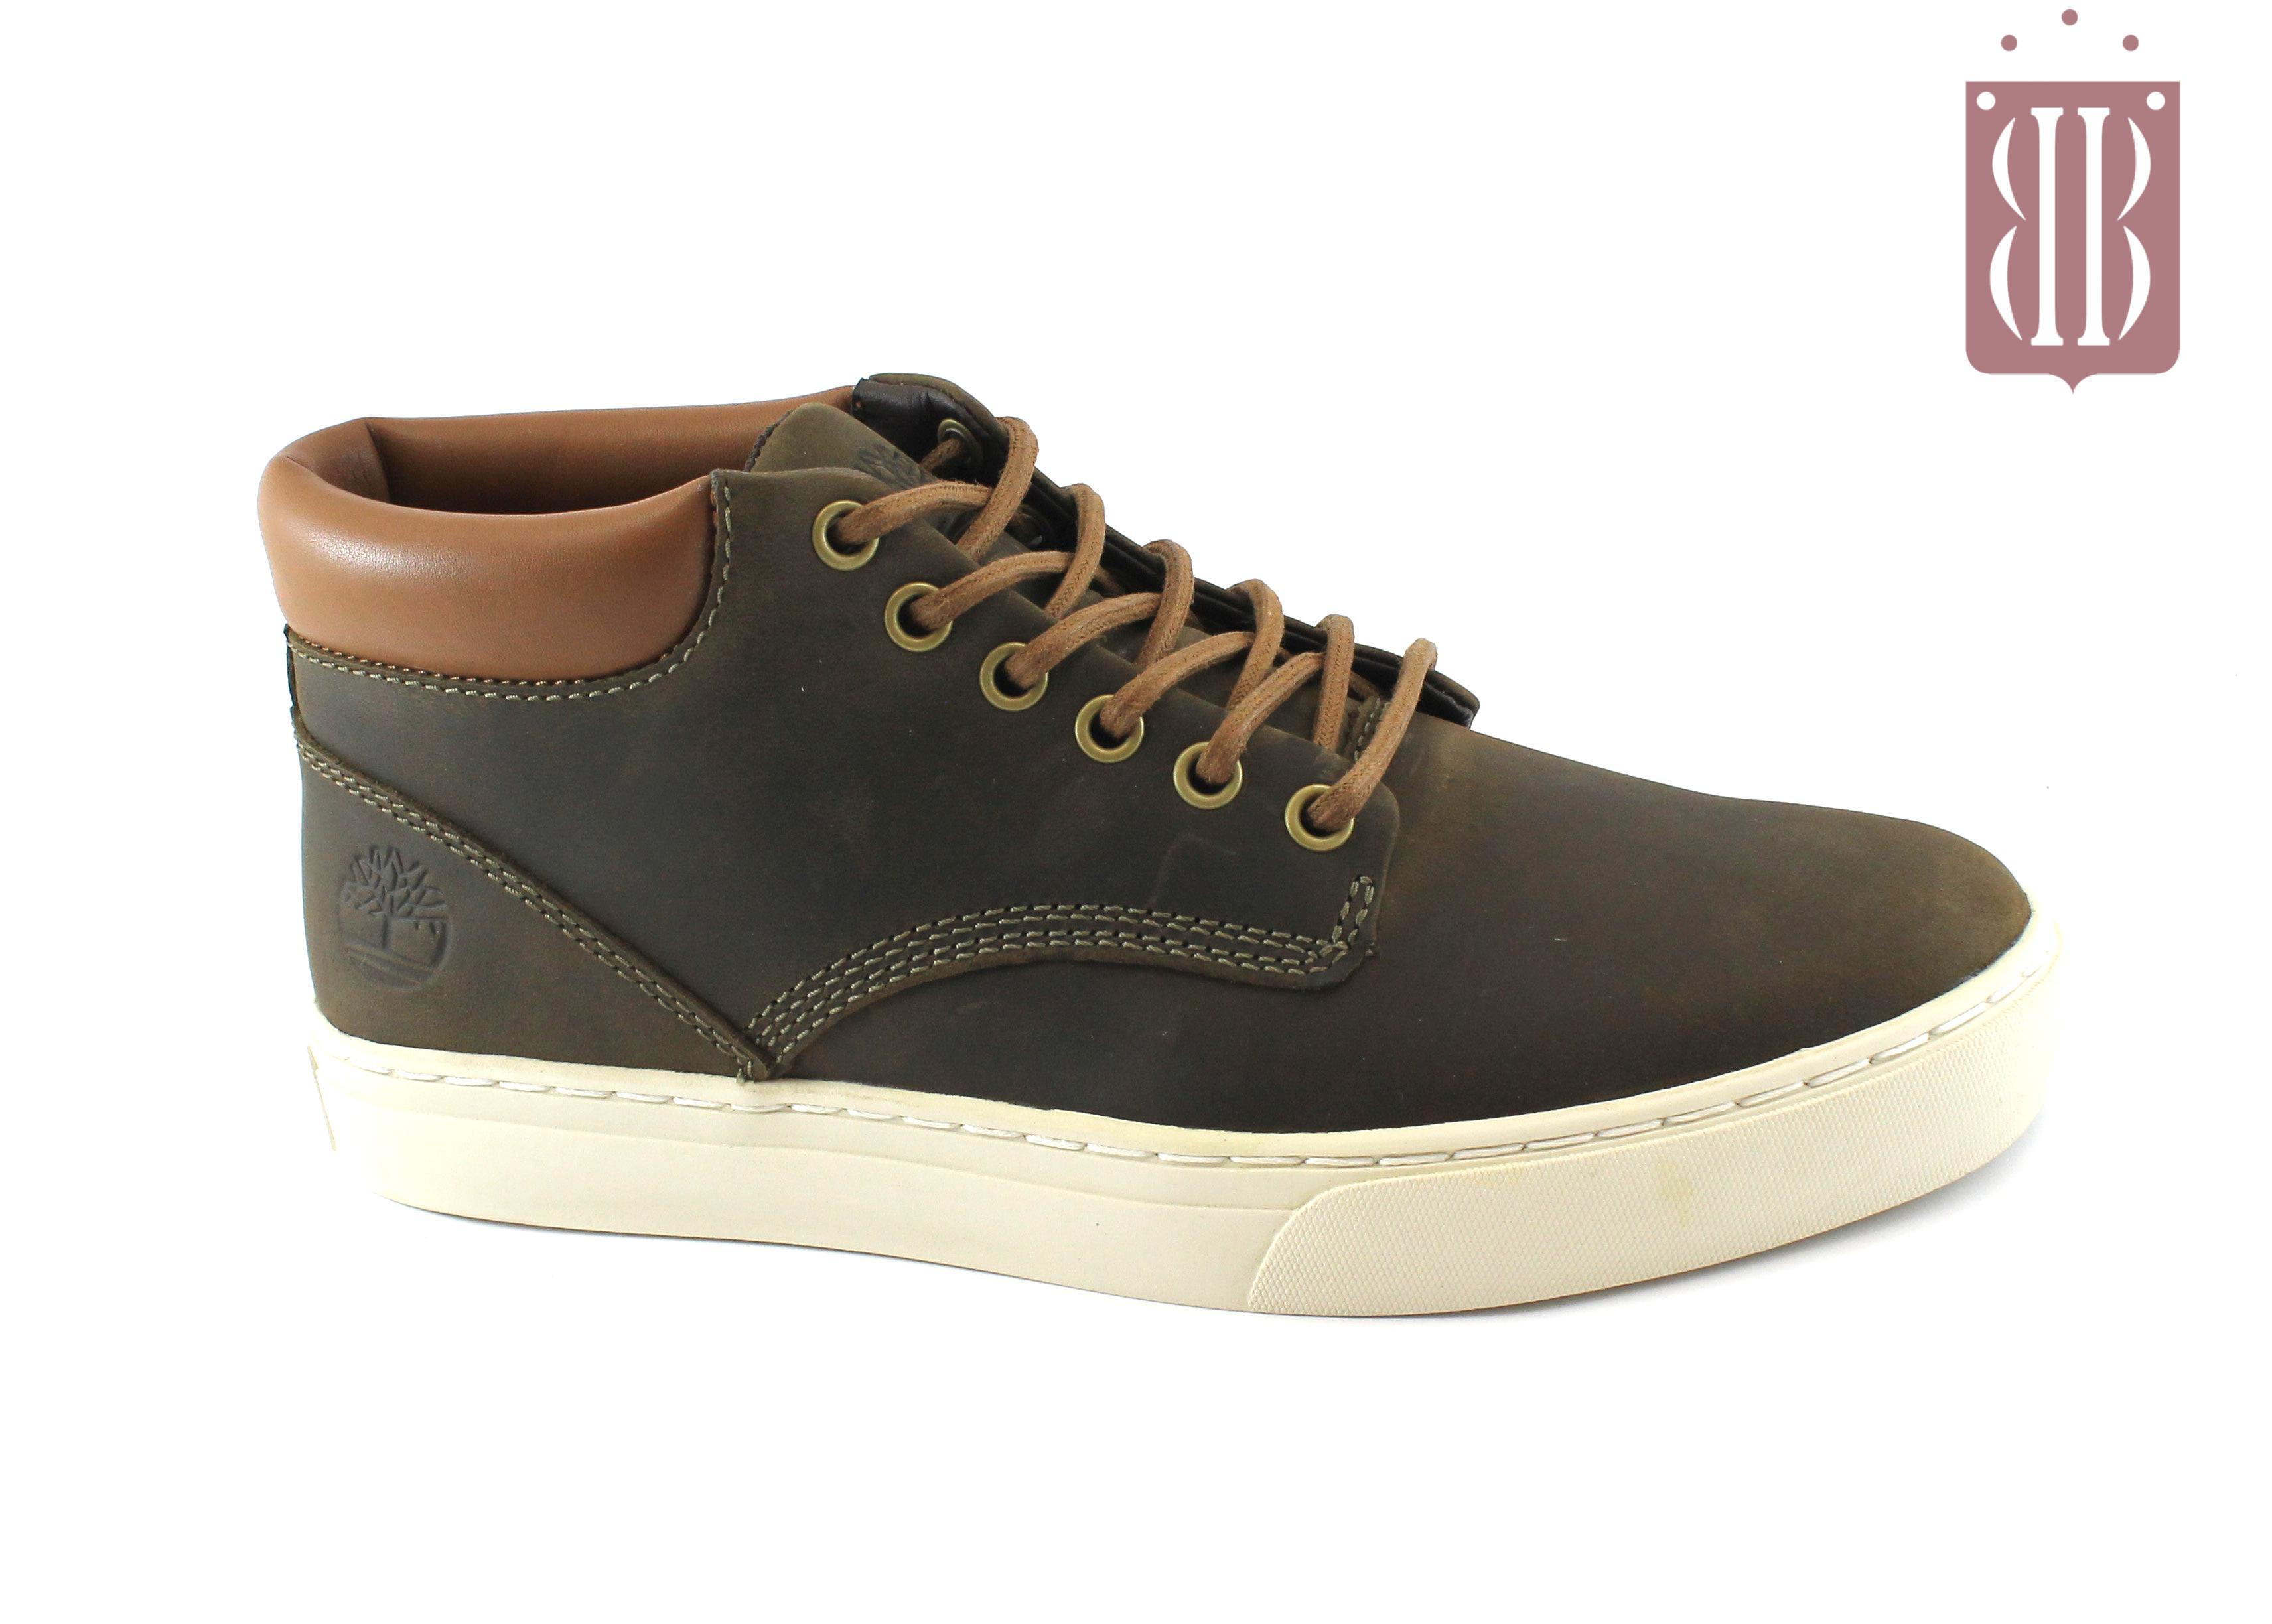 il più votato genuino retrò ordine TIMBERLAND A1JUC dark olive marrone scarpe sneakers uomo mid polacchino  liscio lacci